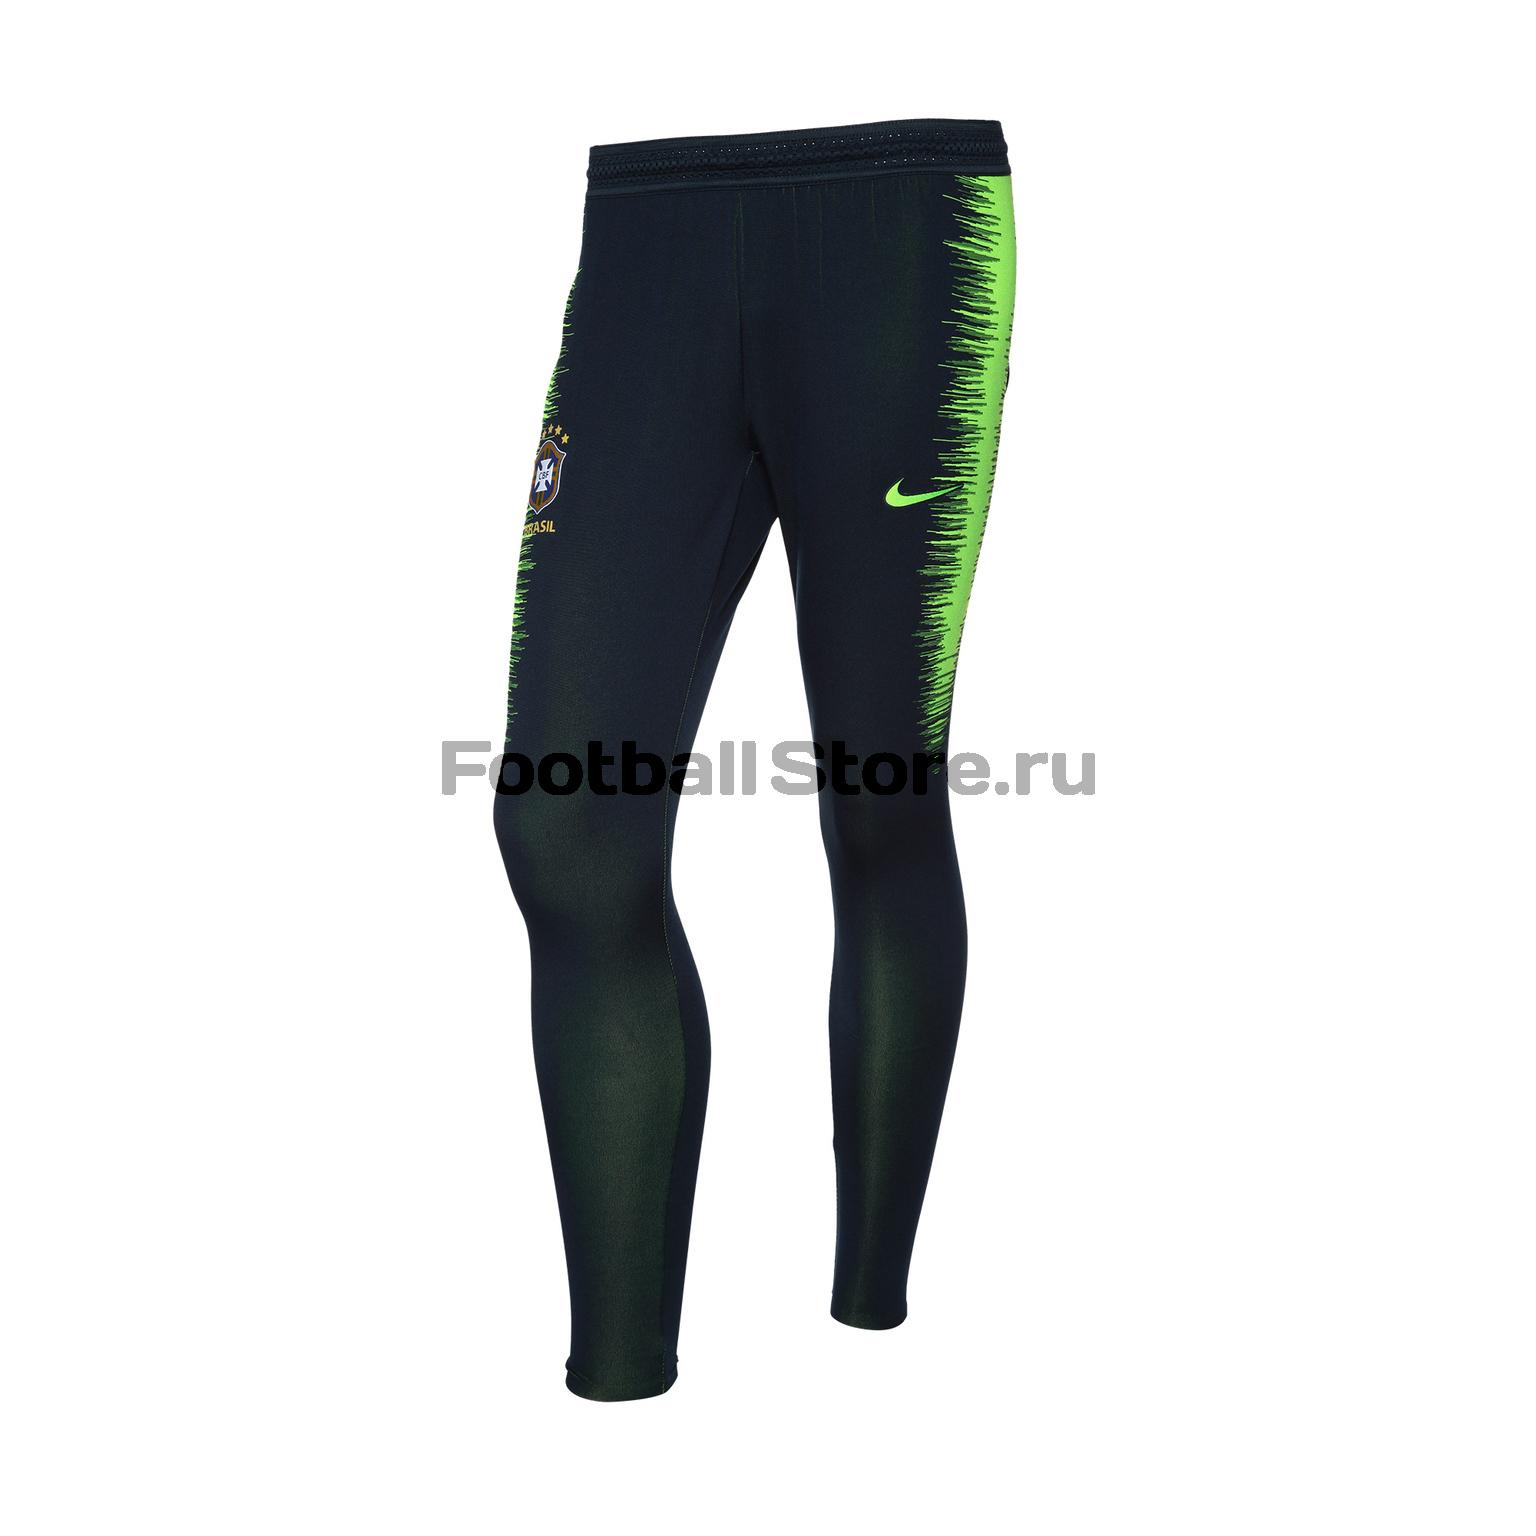 Брюки тренировочные Nike сборной Бразилии 893122-454 nike брюки тренировочные nike strike pnt wp wz 688393 011